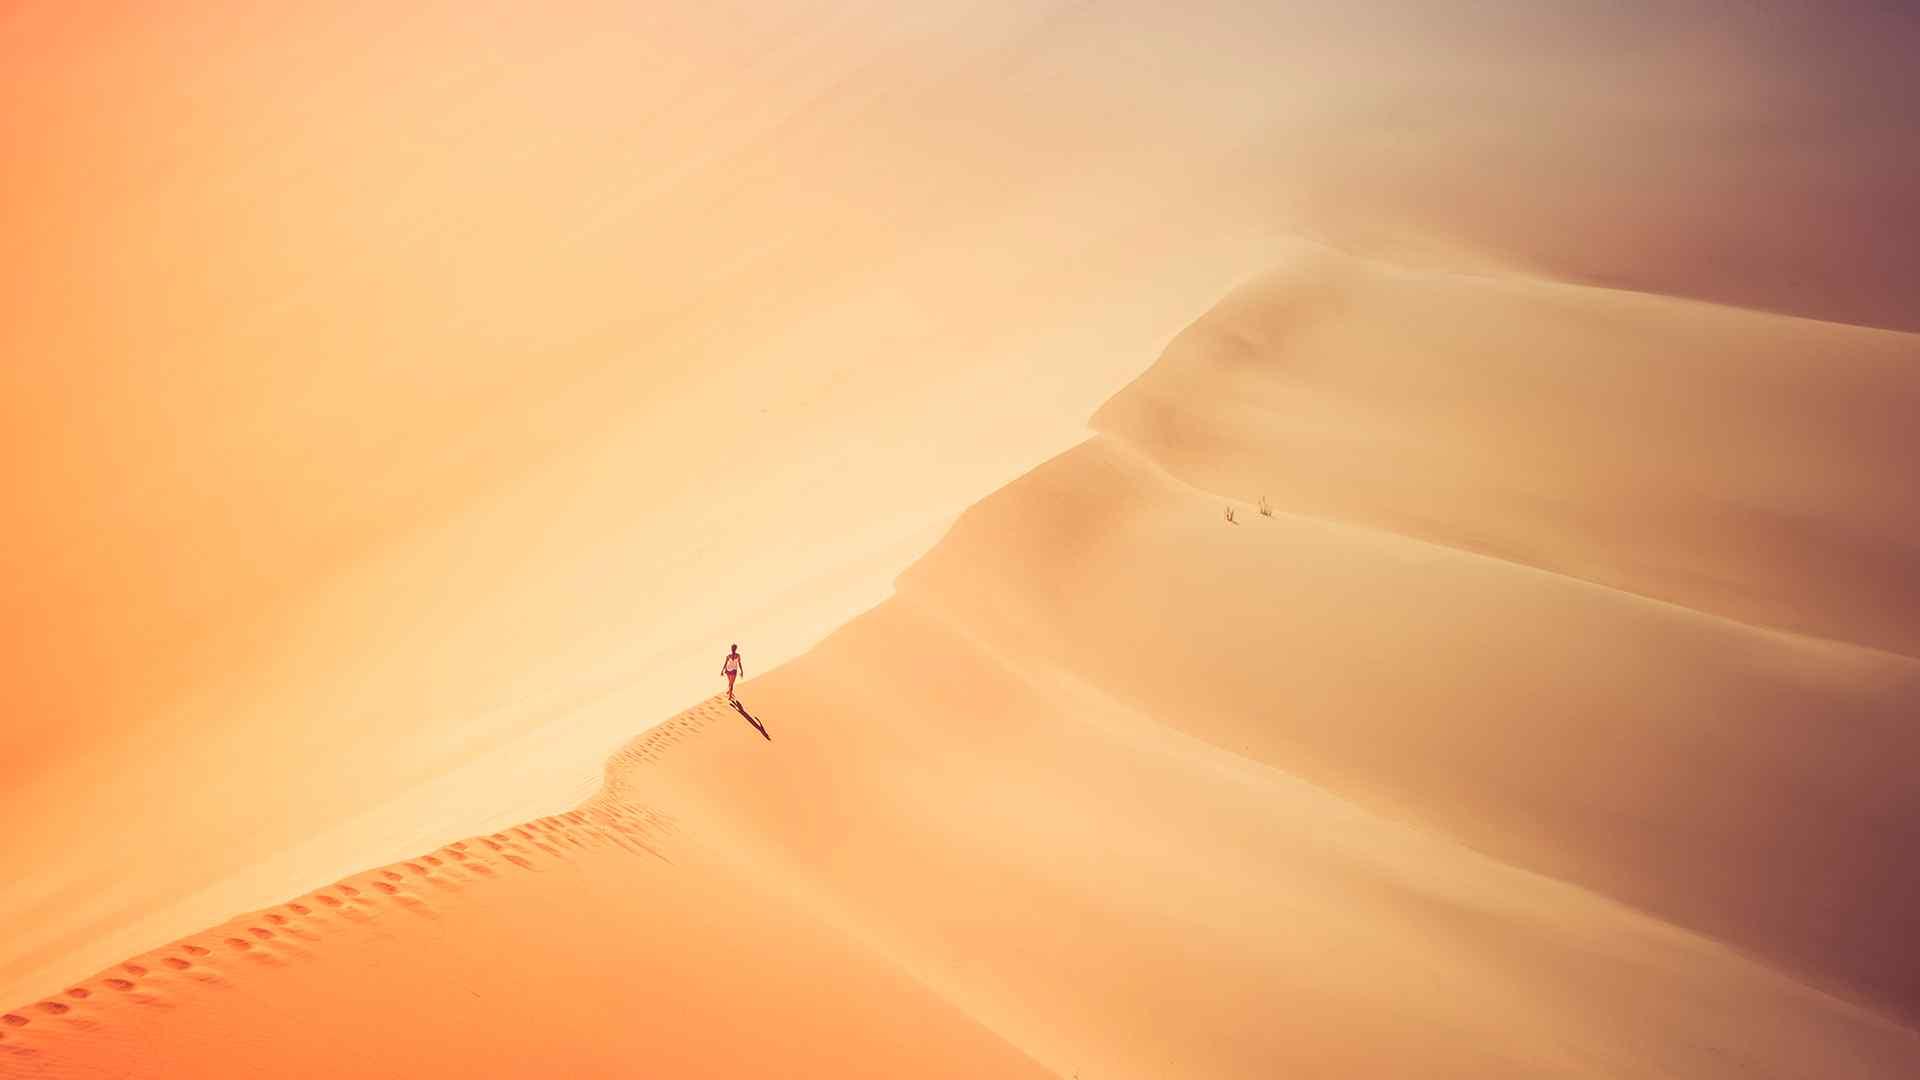 唯美沙漠风景摄影高清桌面壁纸